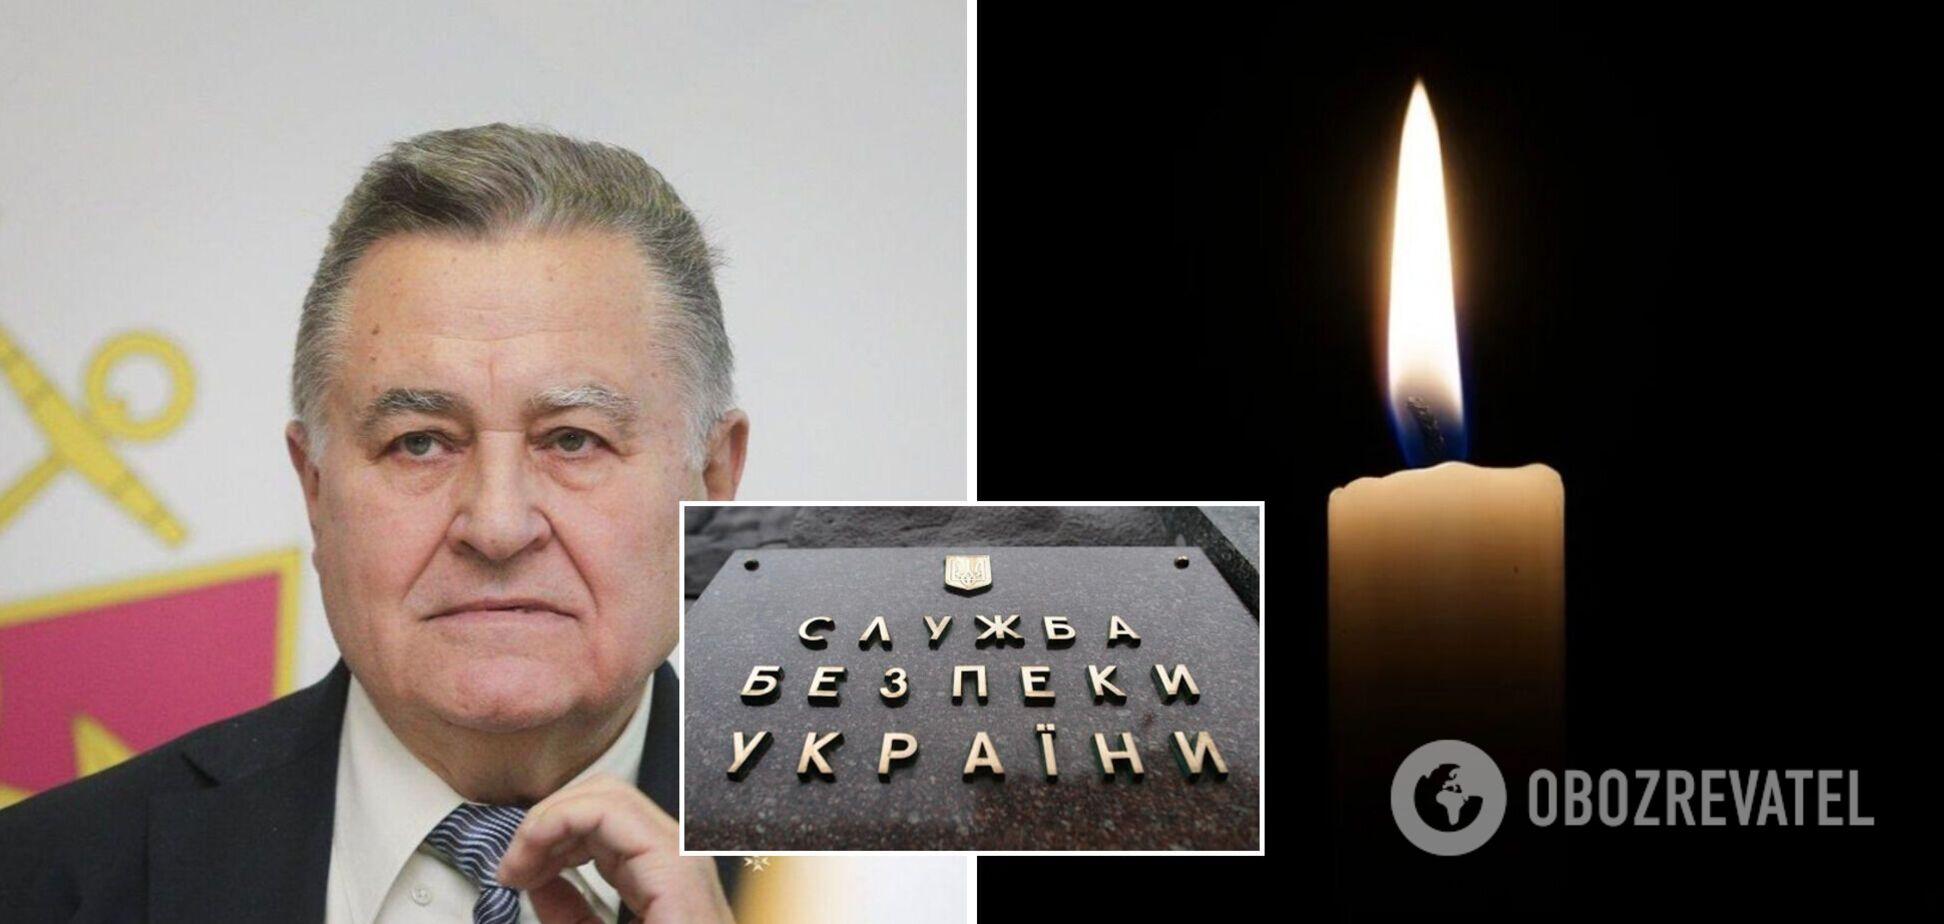 Смерть Марчука: чем запомнился экс-премьер Украины и что говорил о войне с Россией